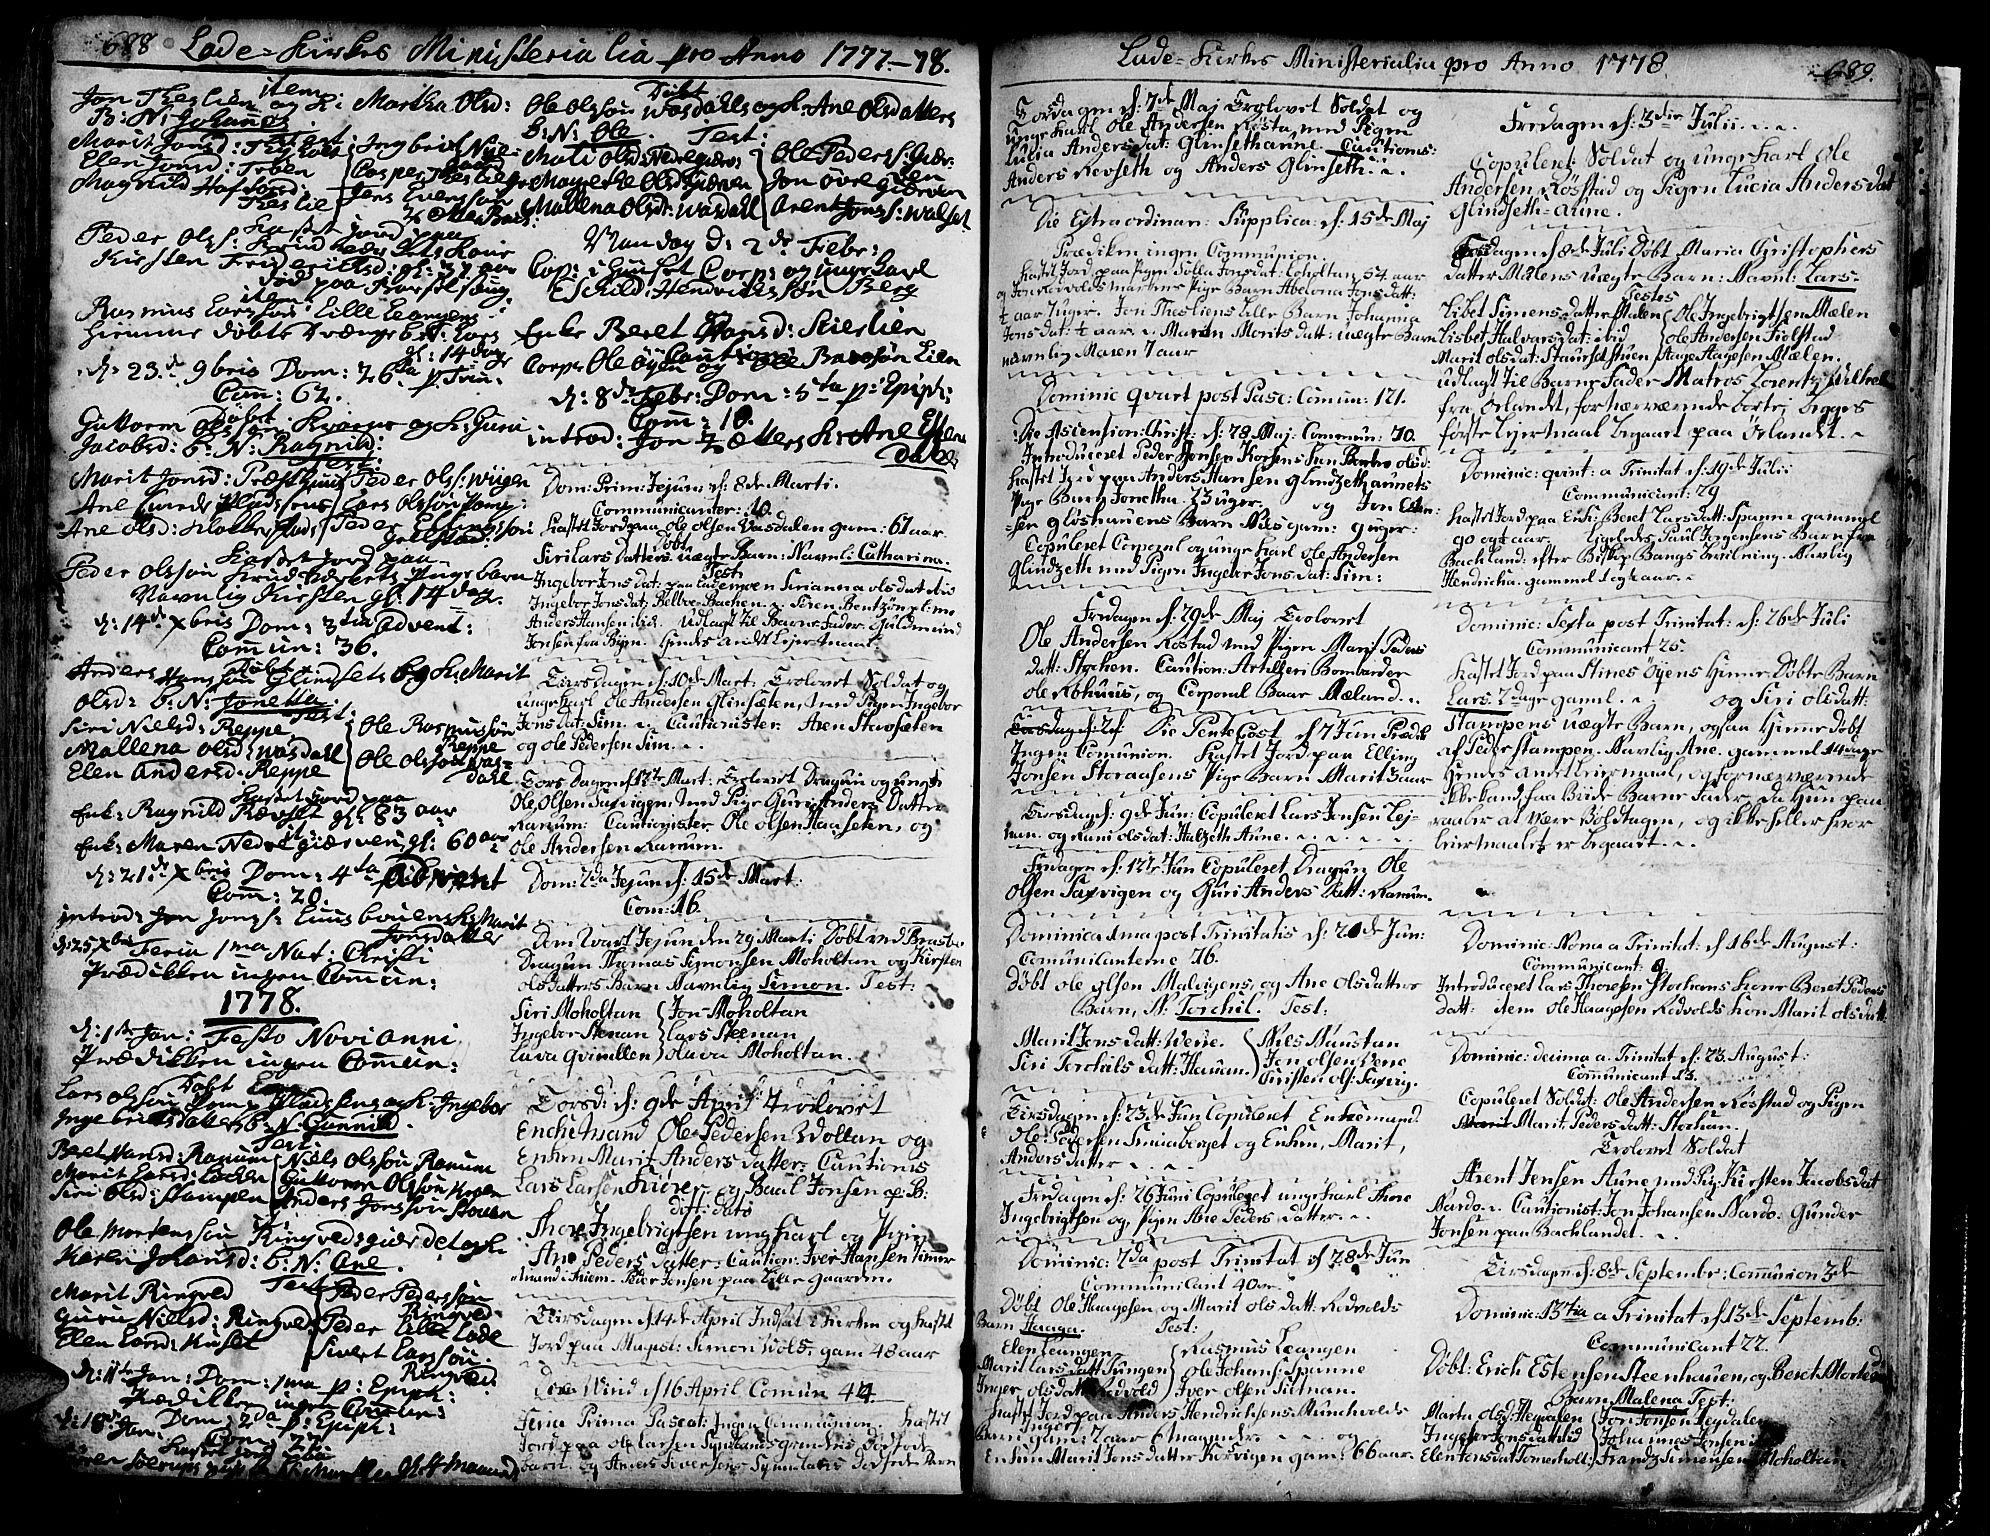 SAT, Ministerialprotokoller, klokkerbøker og fødselsregistre - Sør-Trøndelag, 606/L0275: Ministerialbok nr. 606A01 /1, 1727-1780, s. 688-689